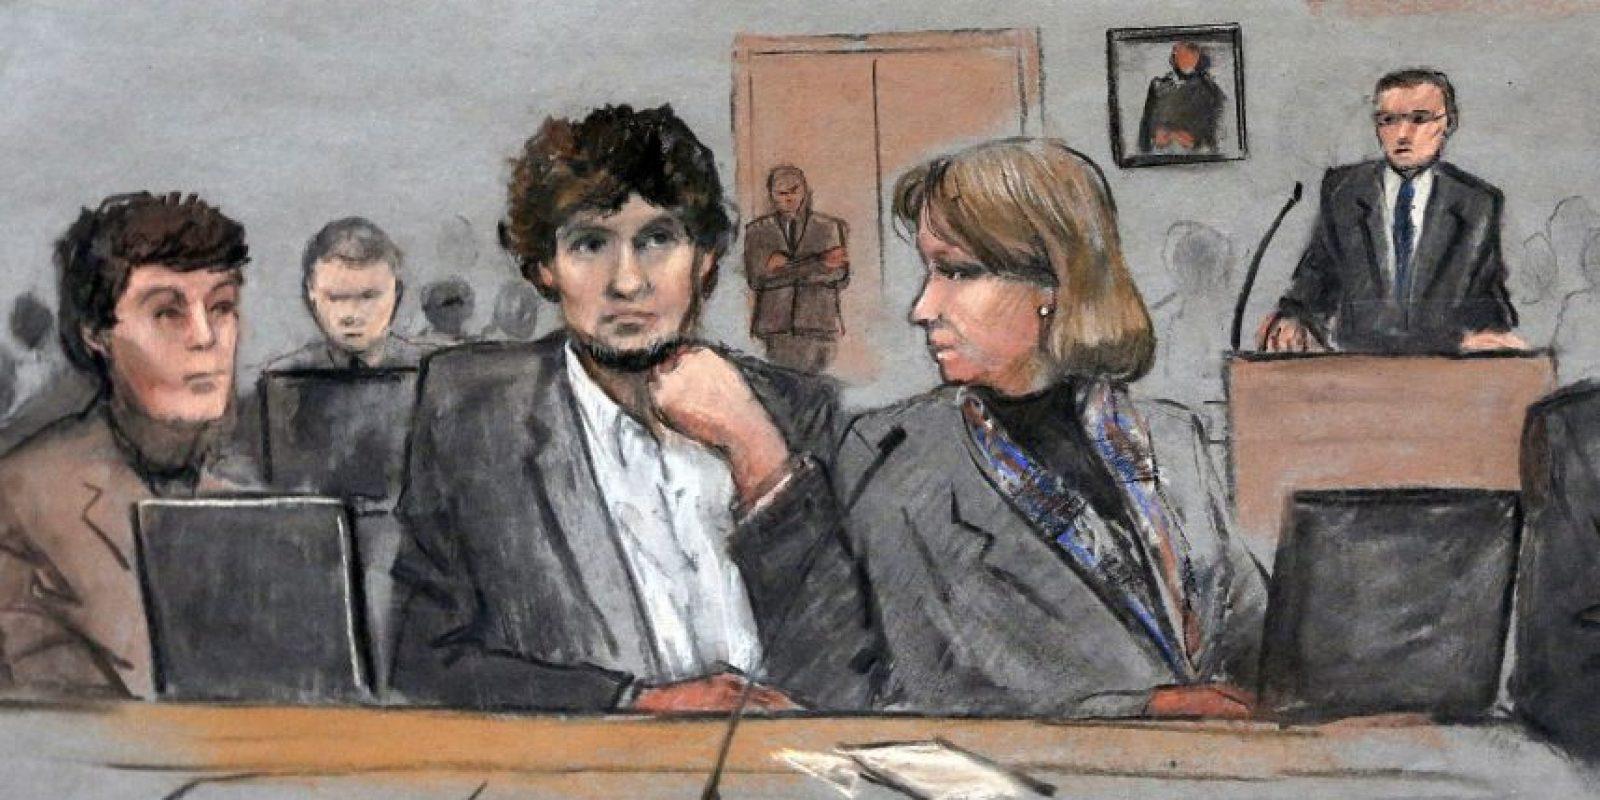 Ayer comenzó la segunda fase del juicio contra Djokhar Tsarnaev, Foto:AP